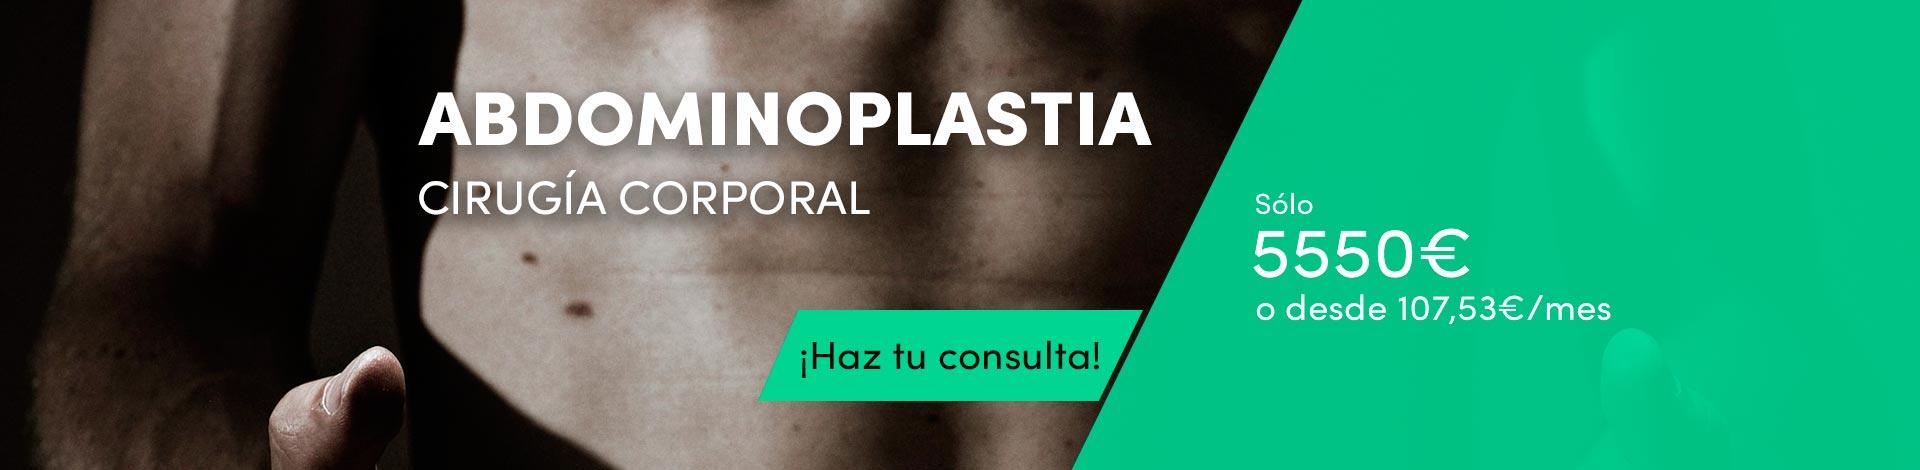 Oferta Abdominoplastica - Cirugía corporal